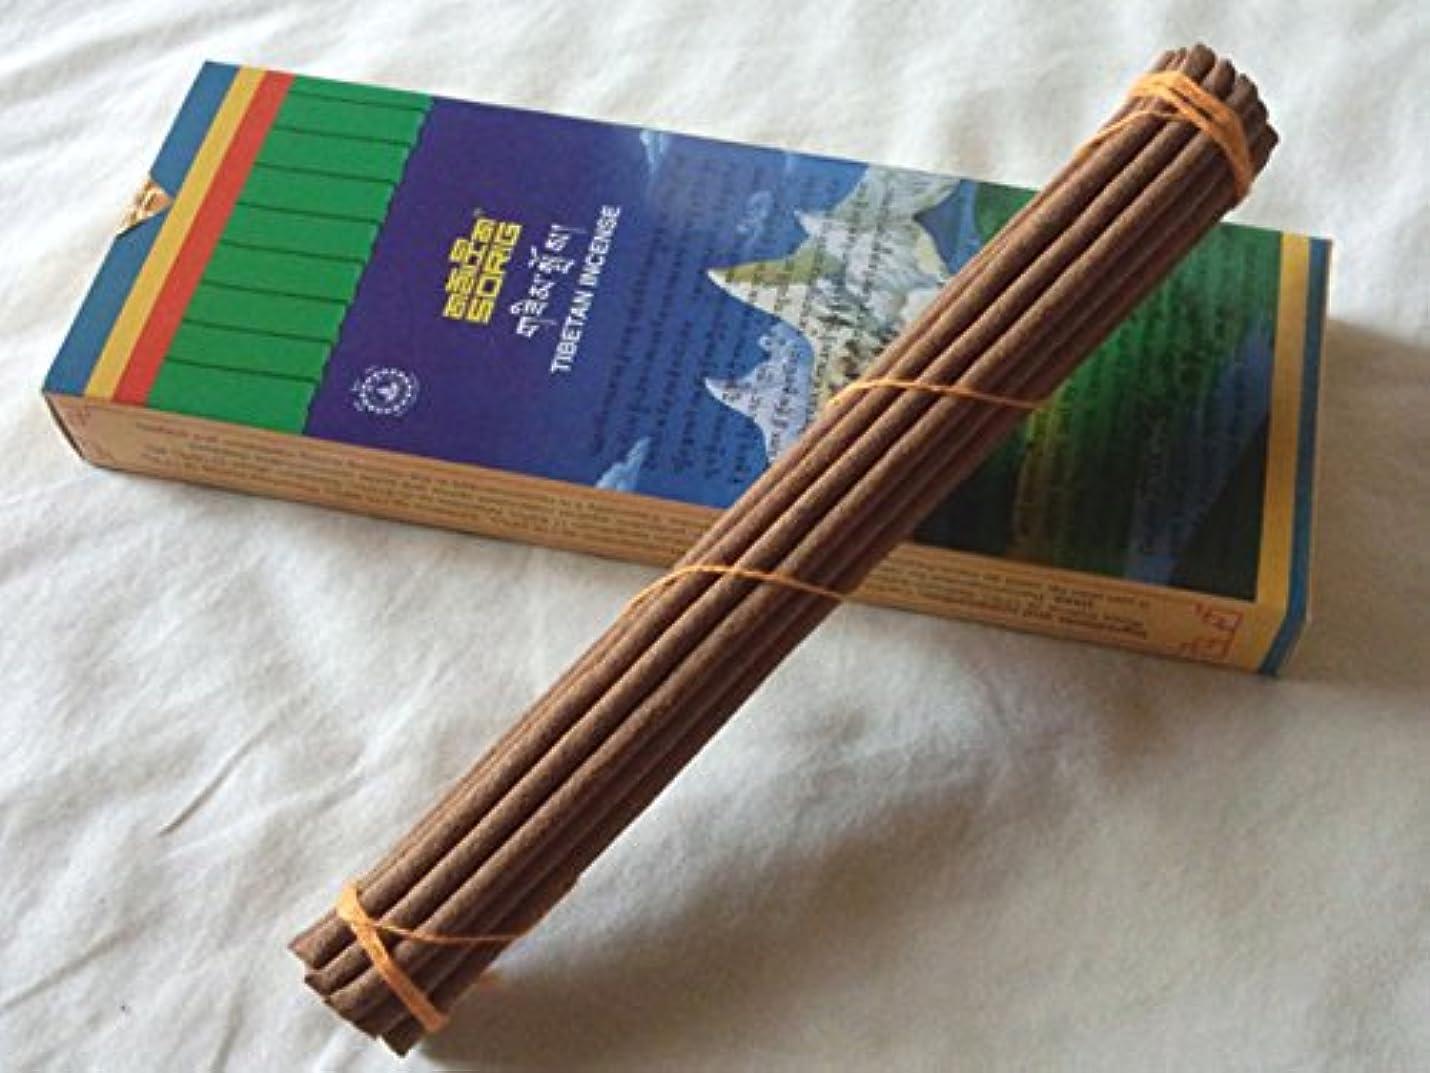 教読者おっとMen-Tsee-Khang/メンツィカンのお香-お徳用トリプル SORIG Tibetan Incense big 約20本入×3束